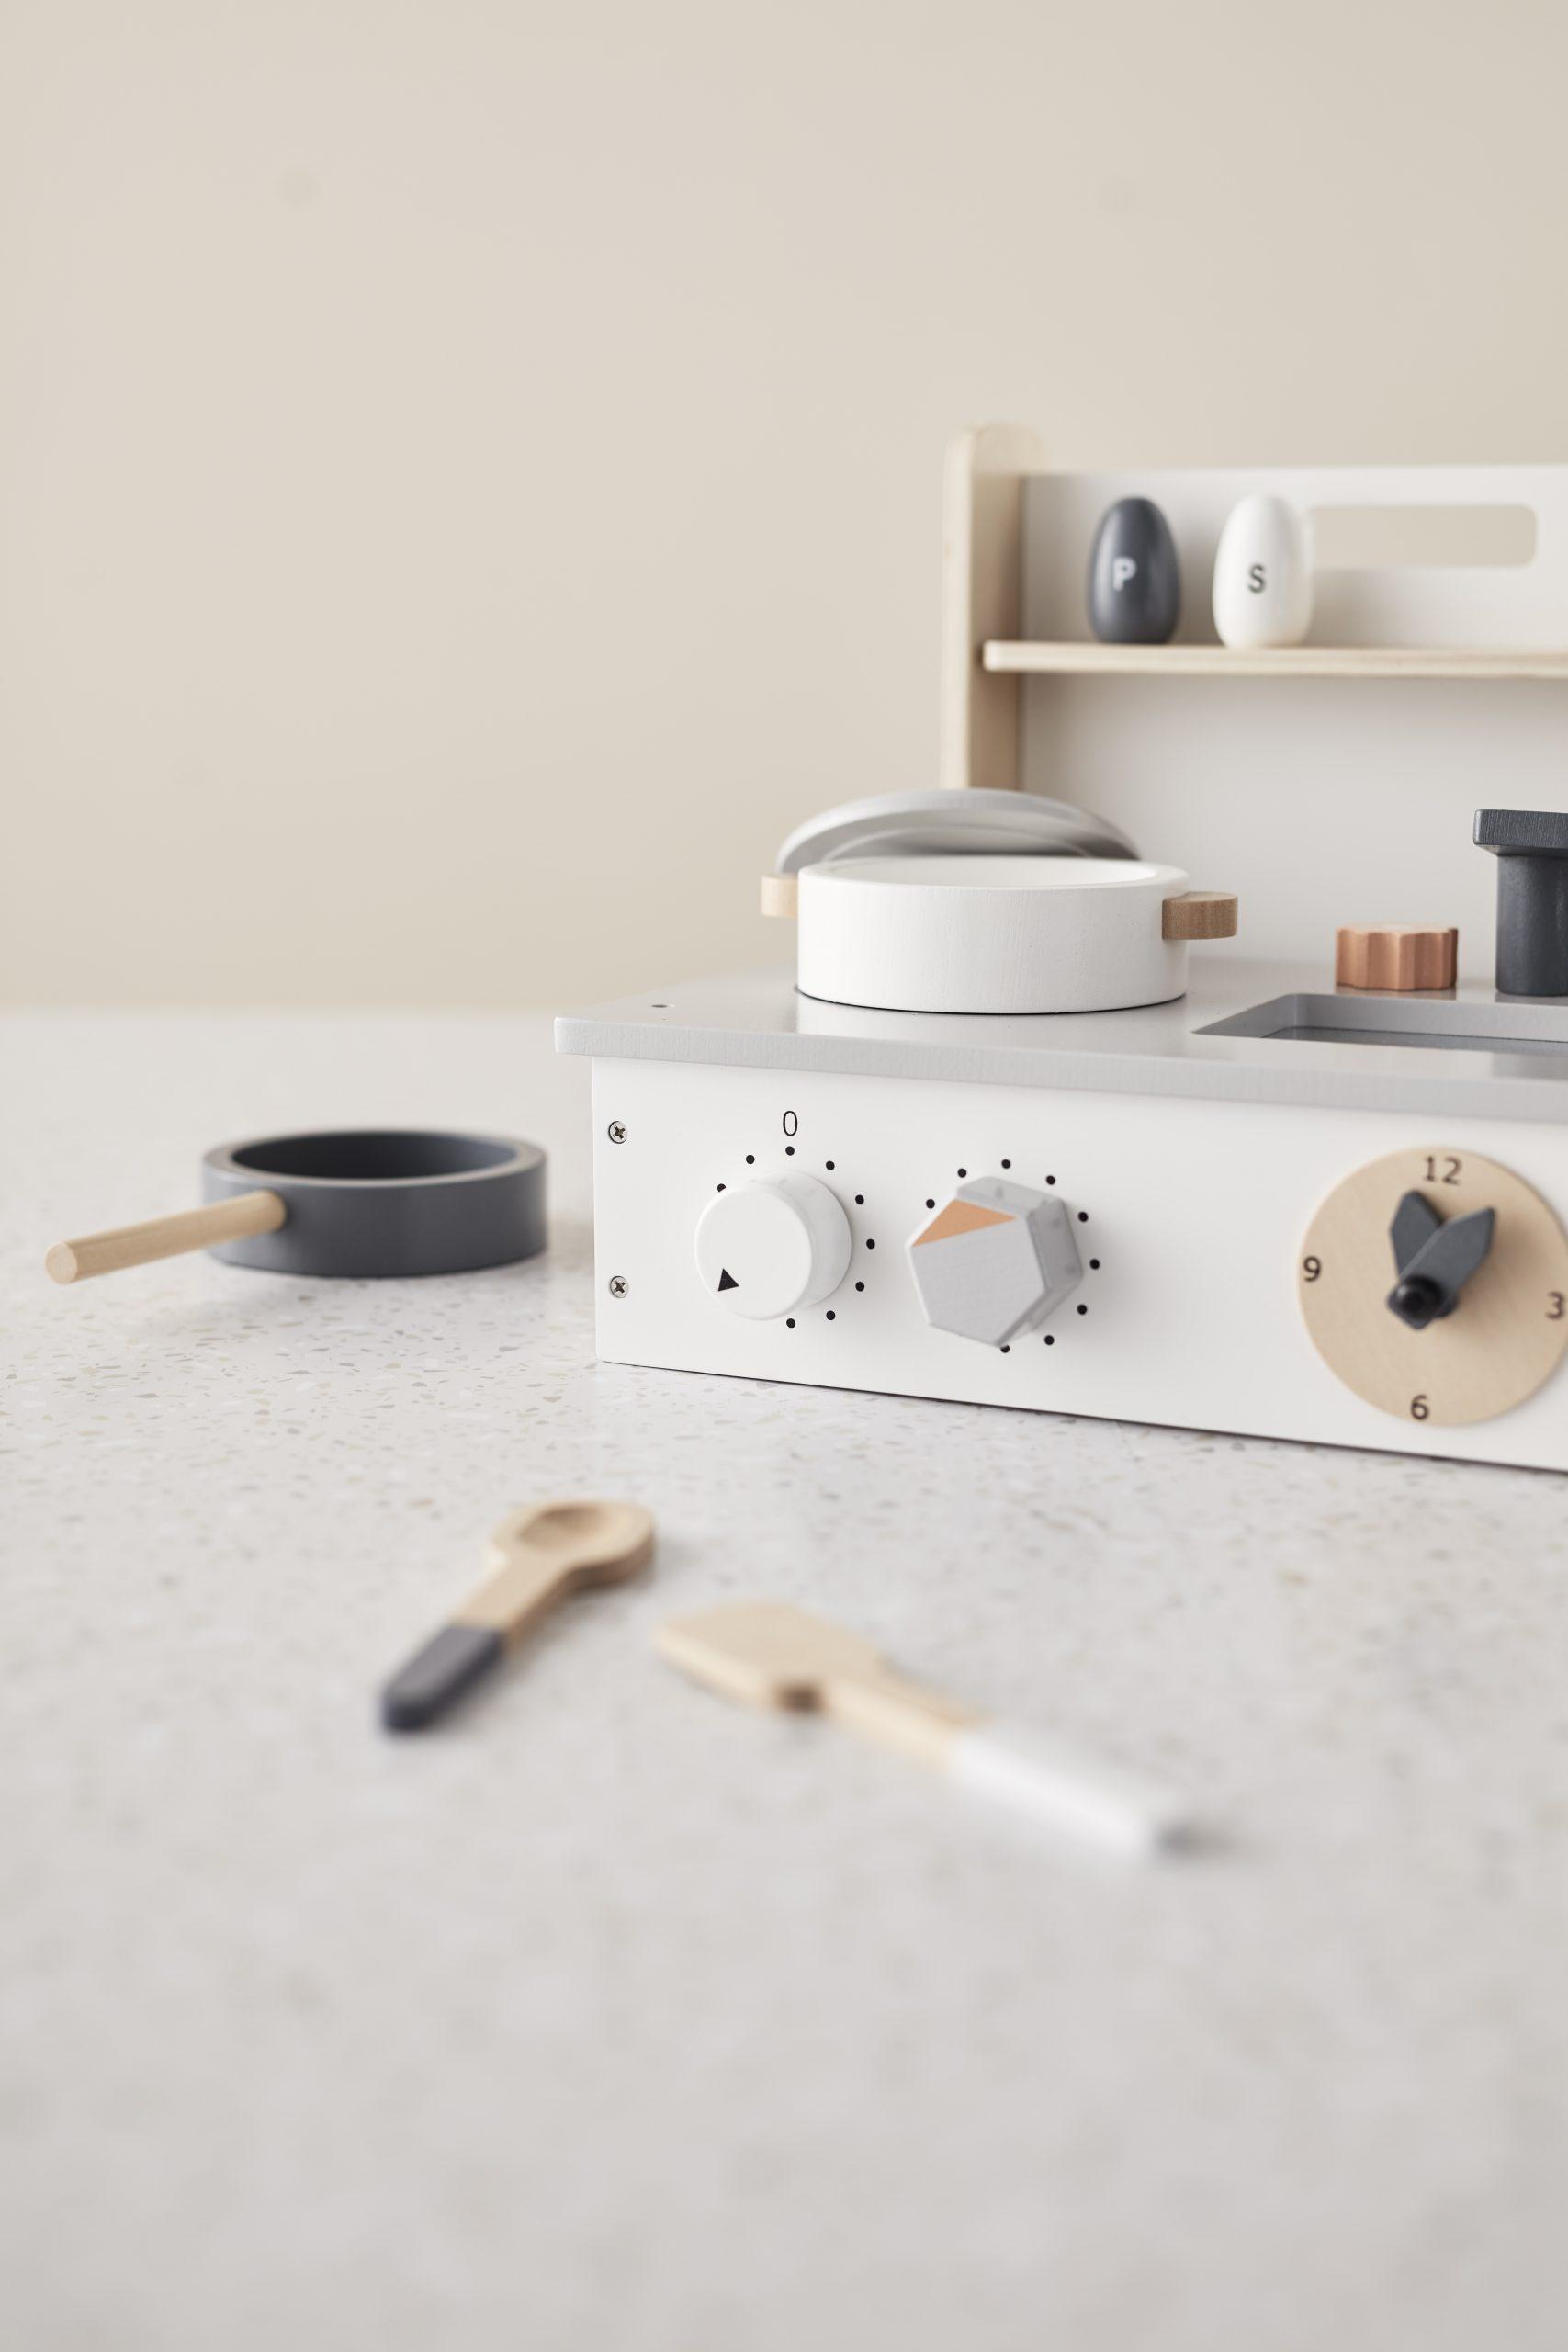 スウェーデン発のブランド、キッズコンセプトの木製おもちゃ